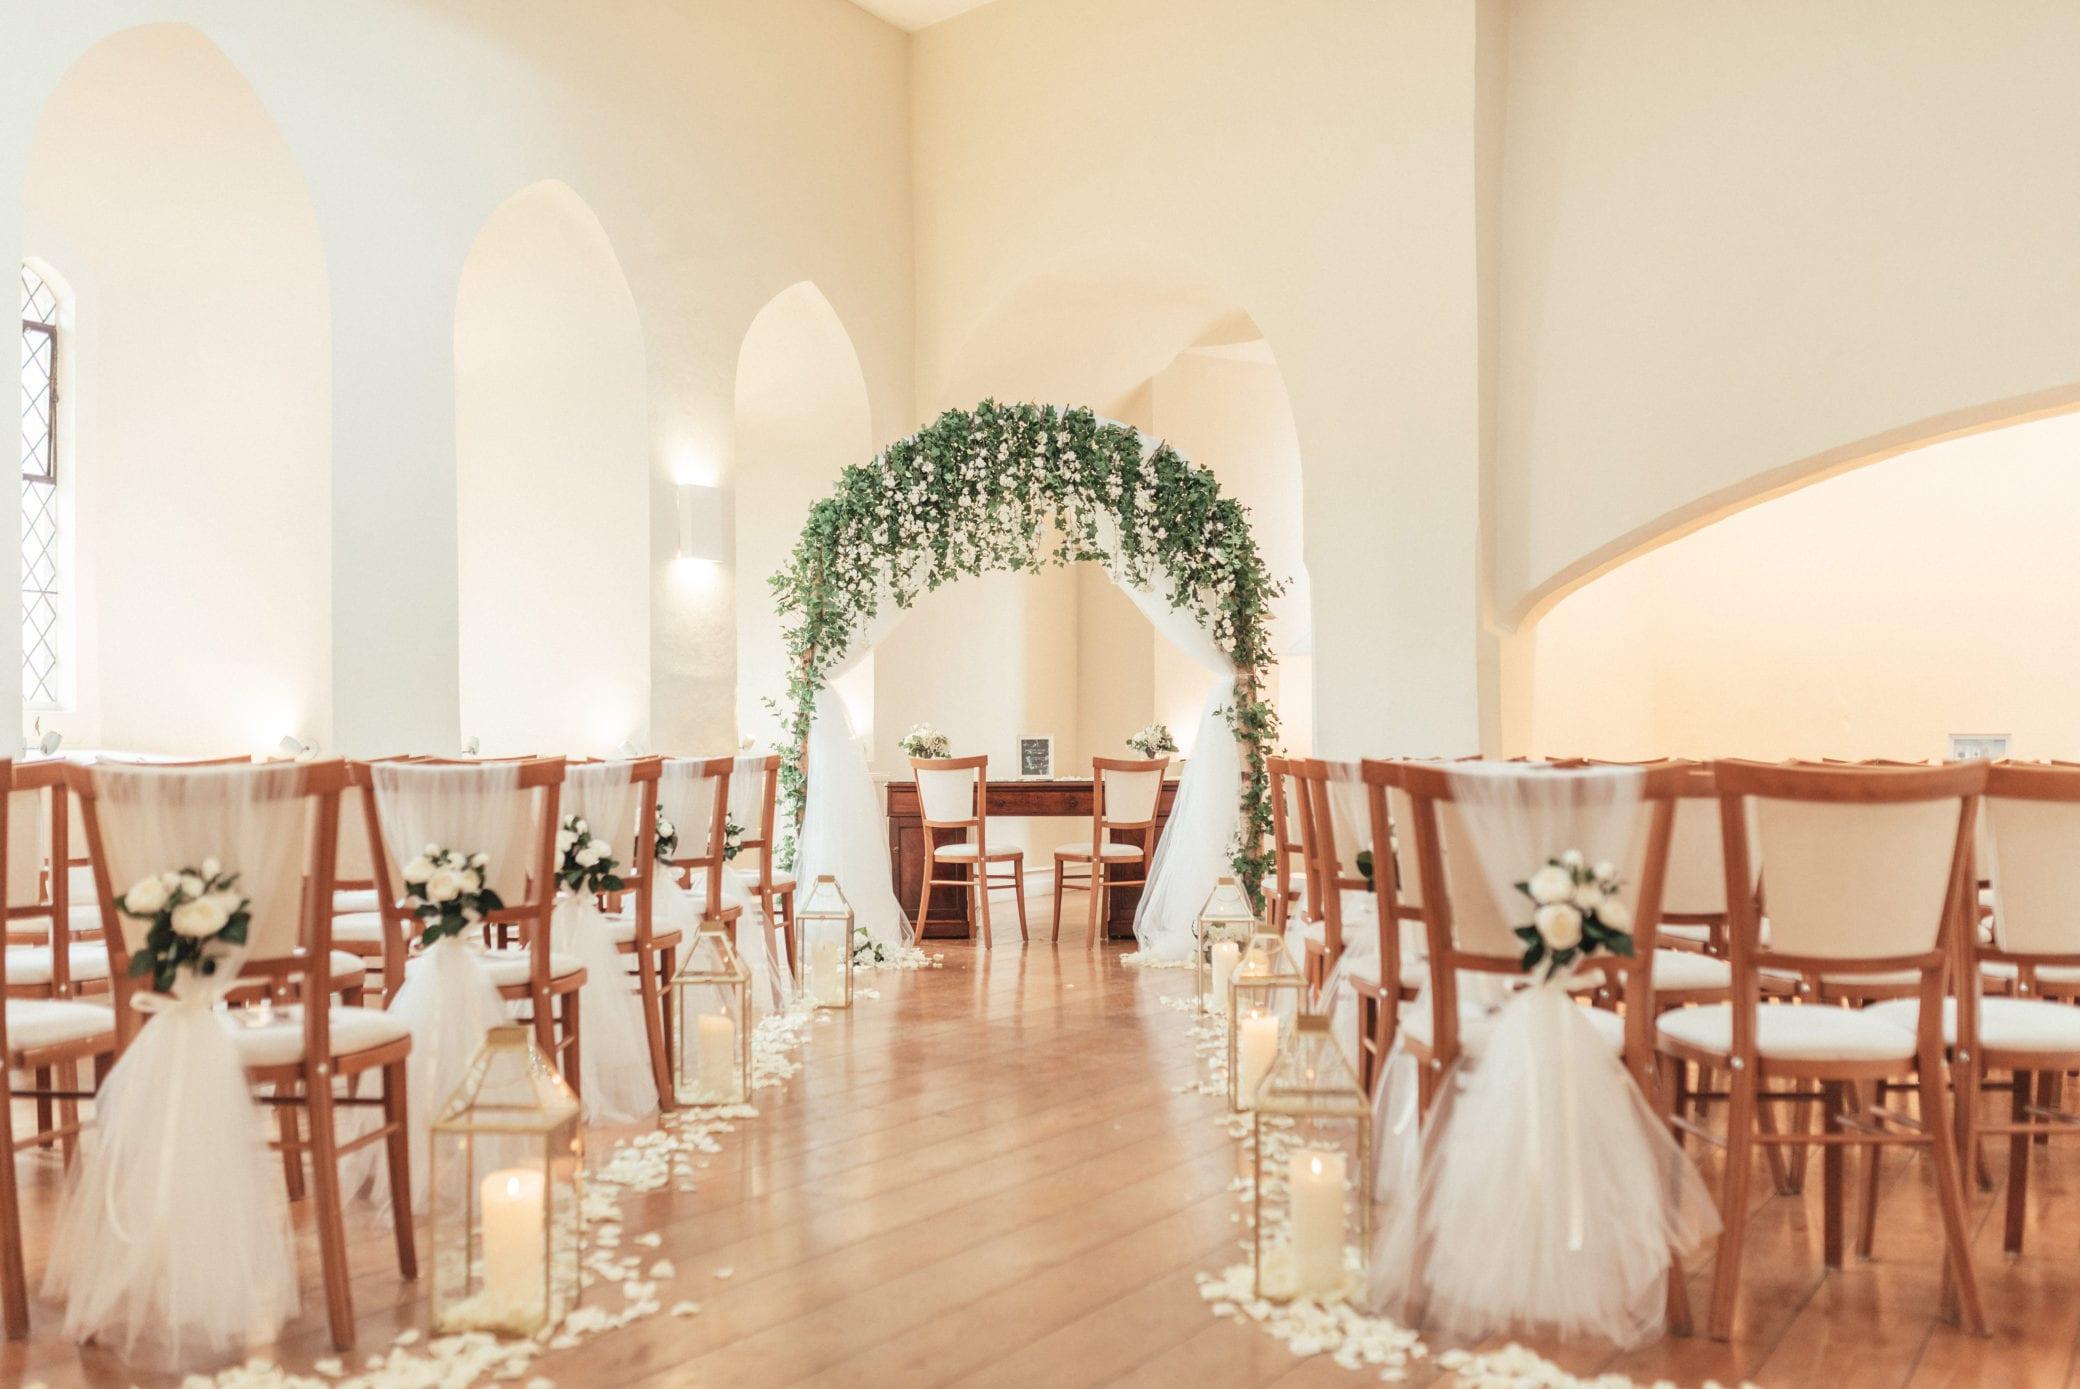 Wedding ceremony at Farnham Castle in Surrey